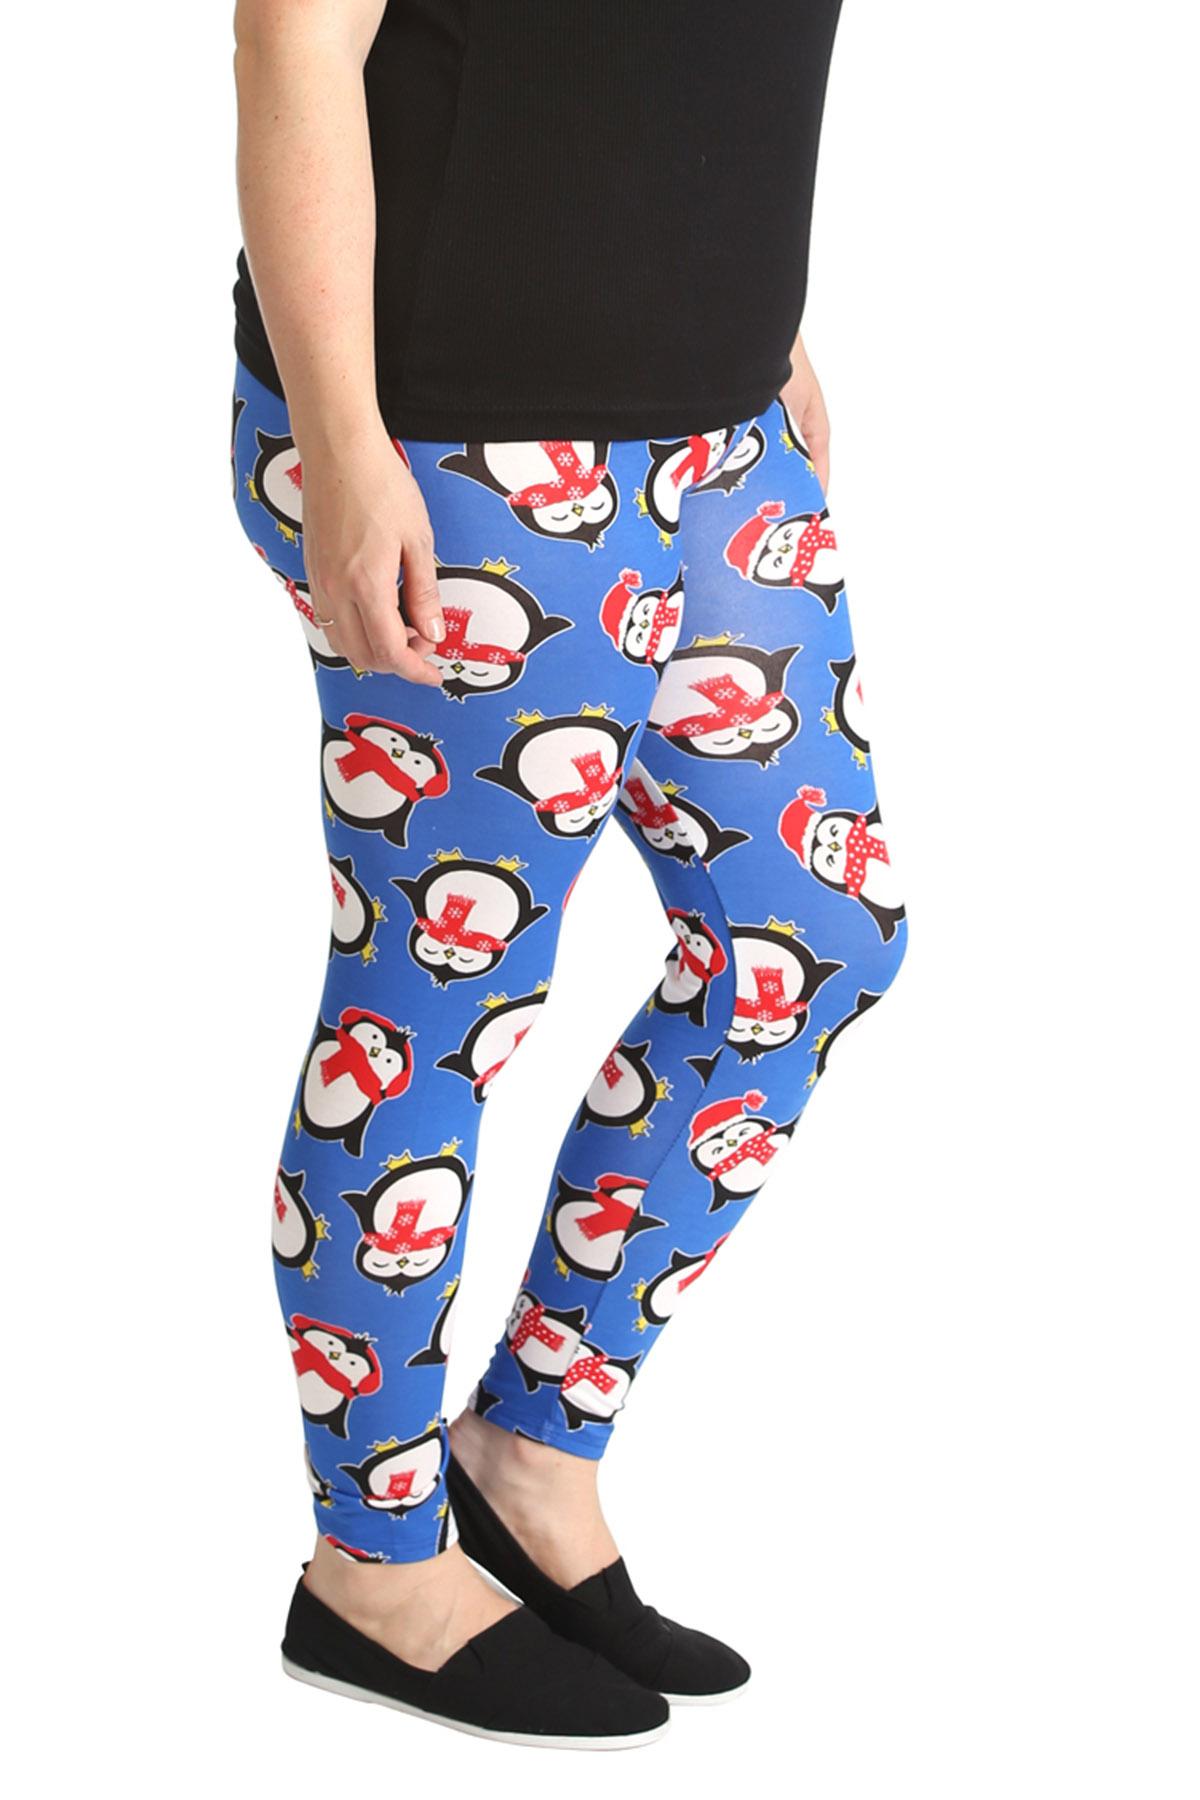 ladies leggings penguin print womens christmas full length